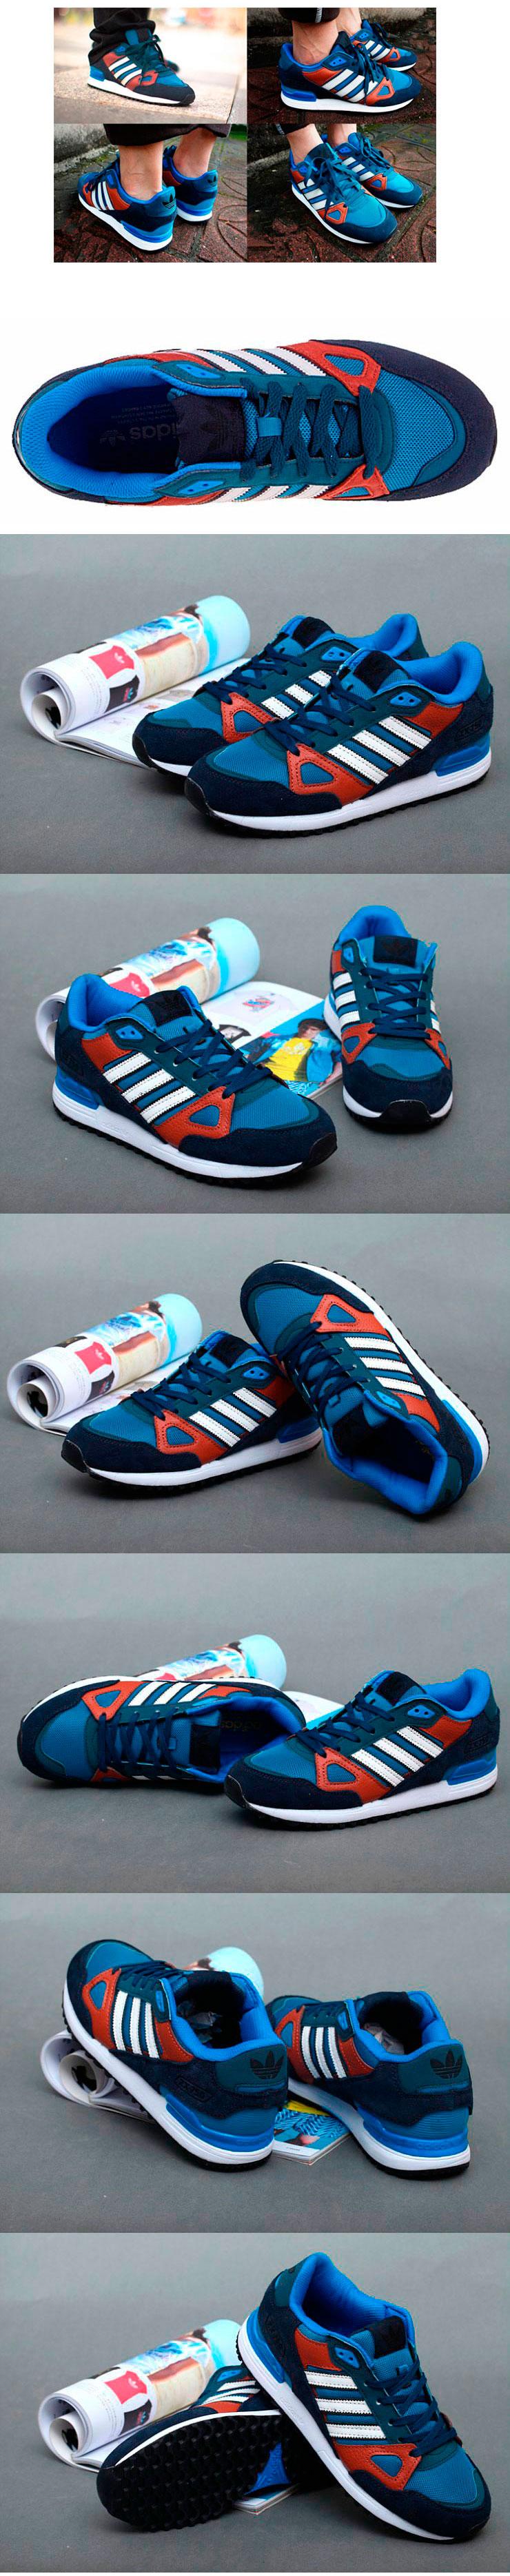 большое фото №6 Мужские кроссовки Adidas zx750 синие с коричневым - Топ качество